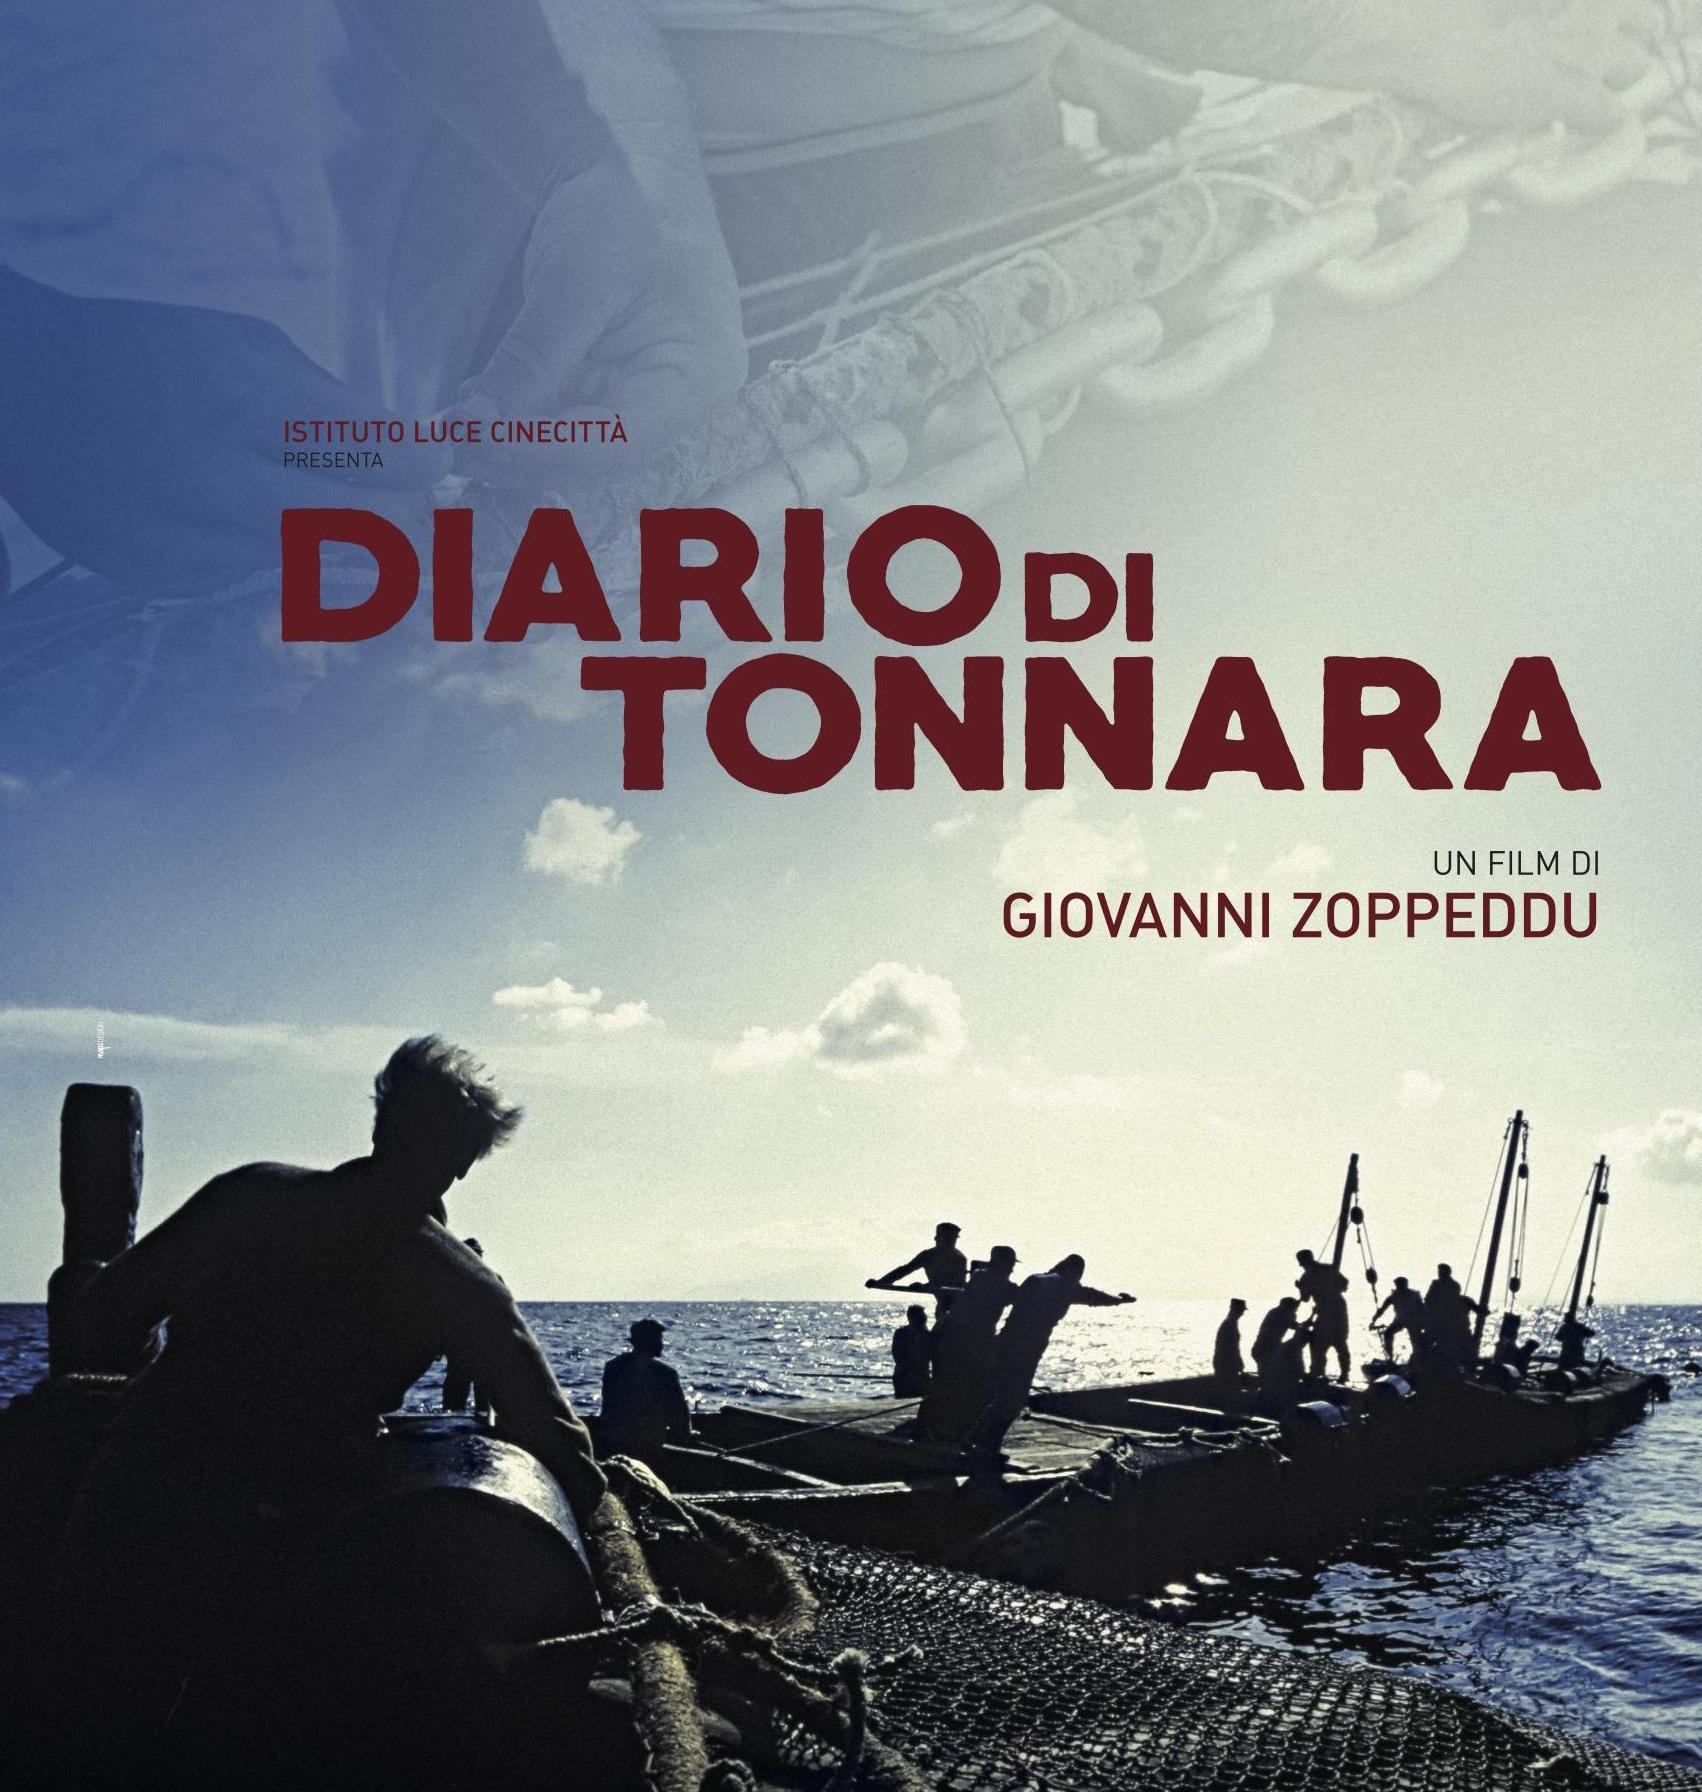 DIARIO DI TONNARA.jpg